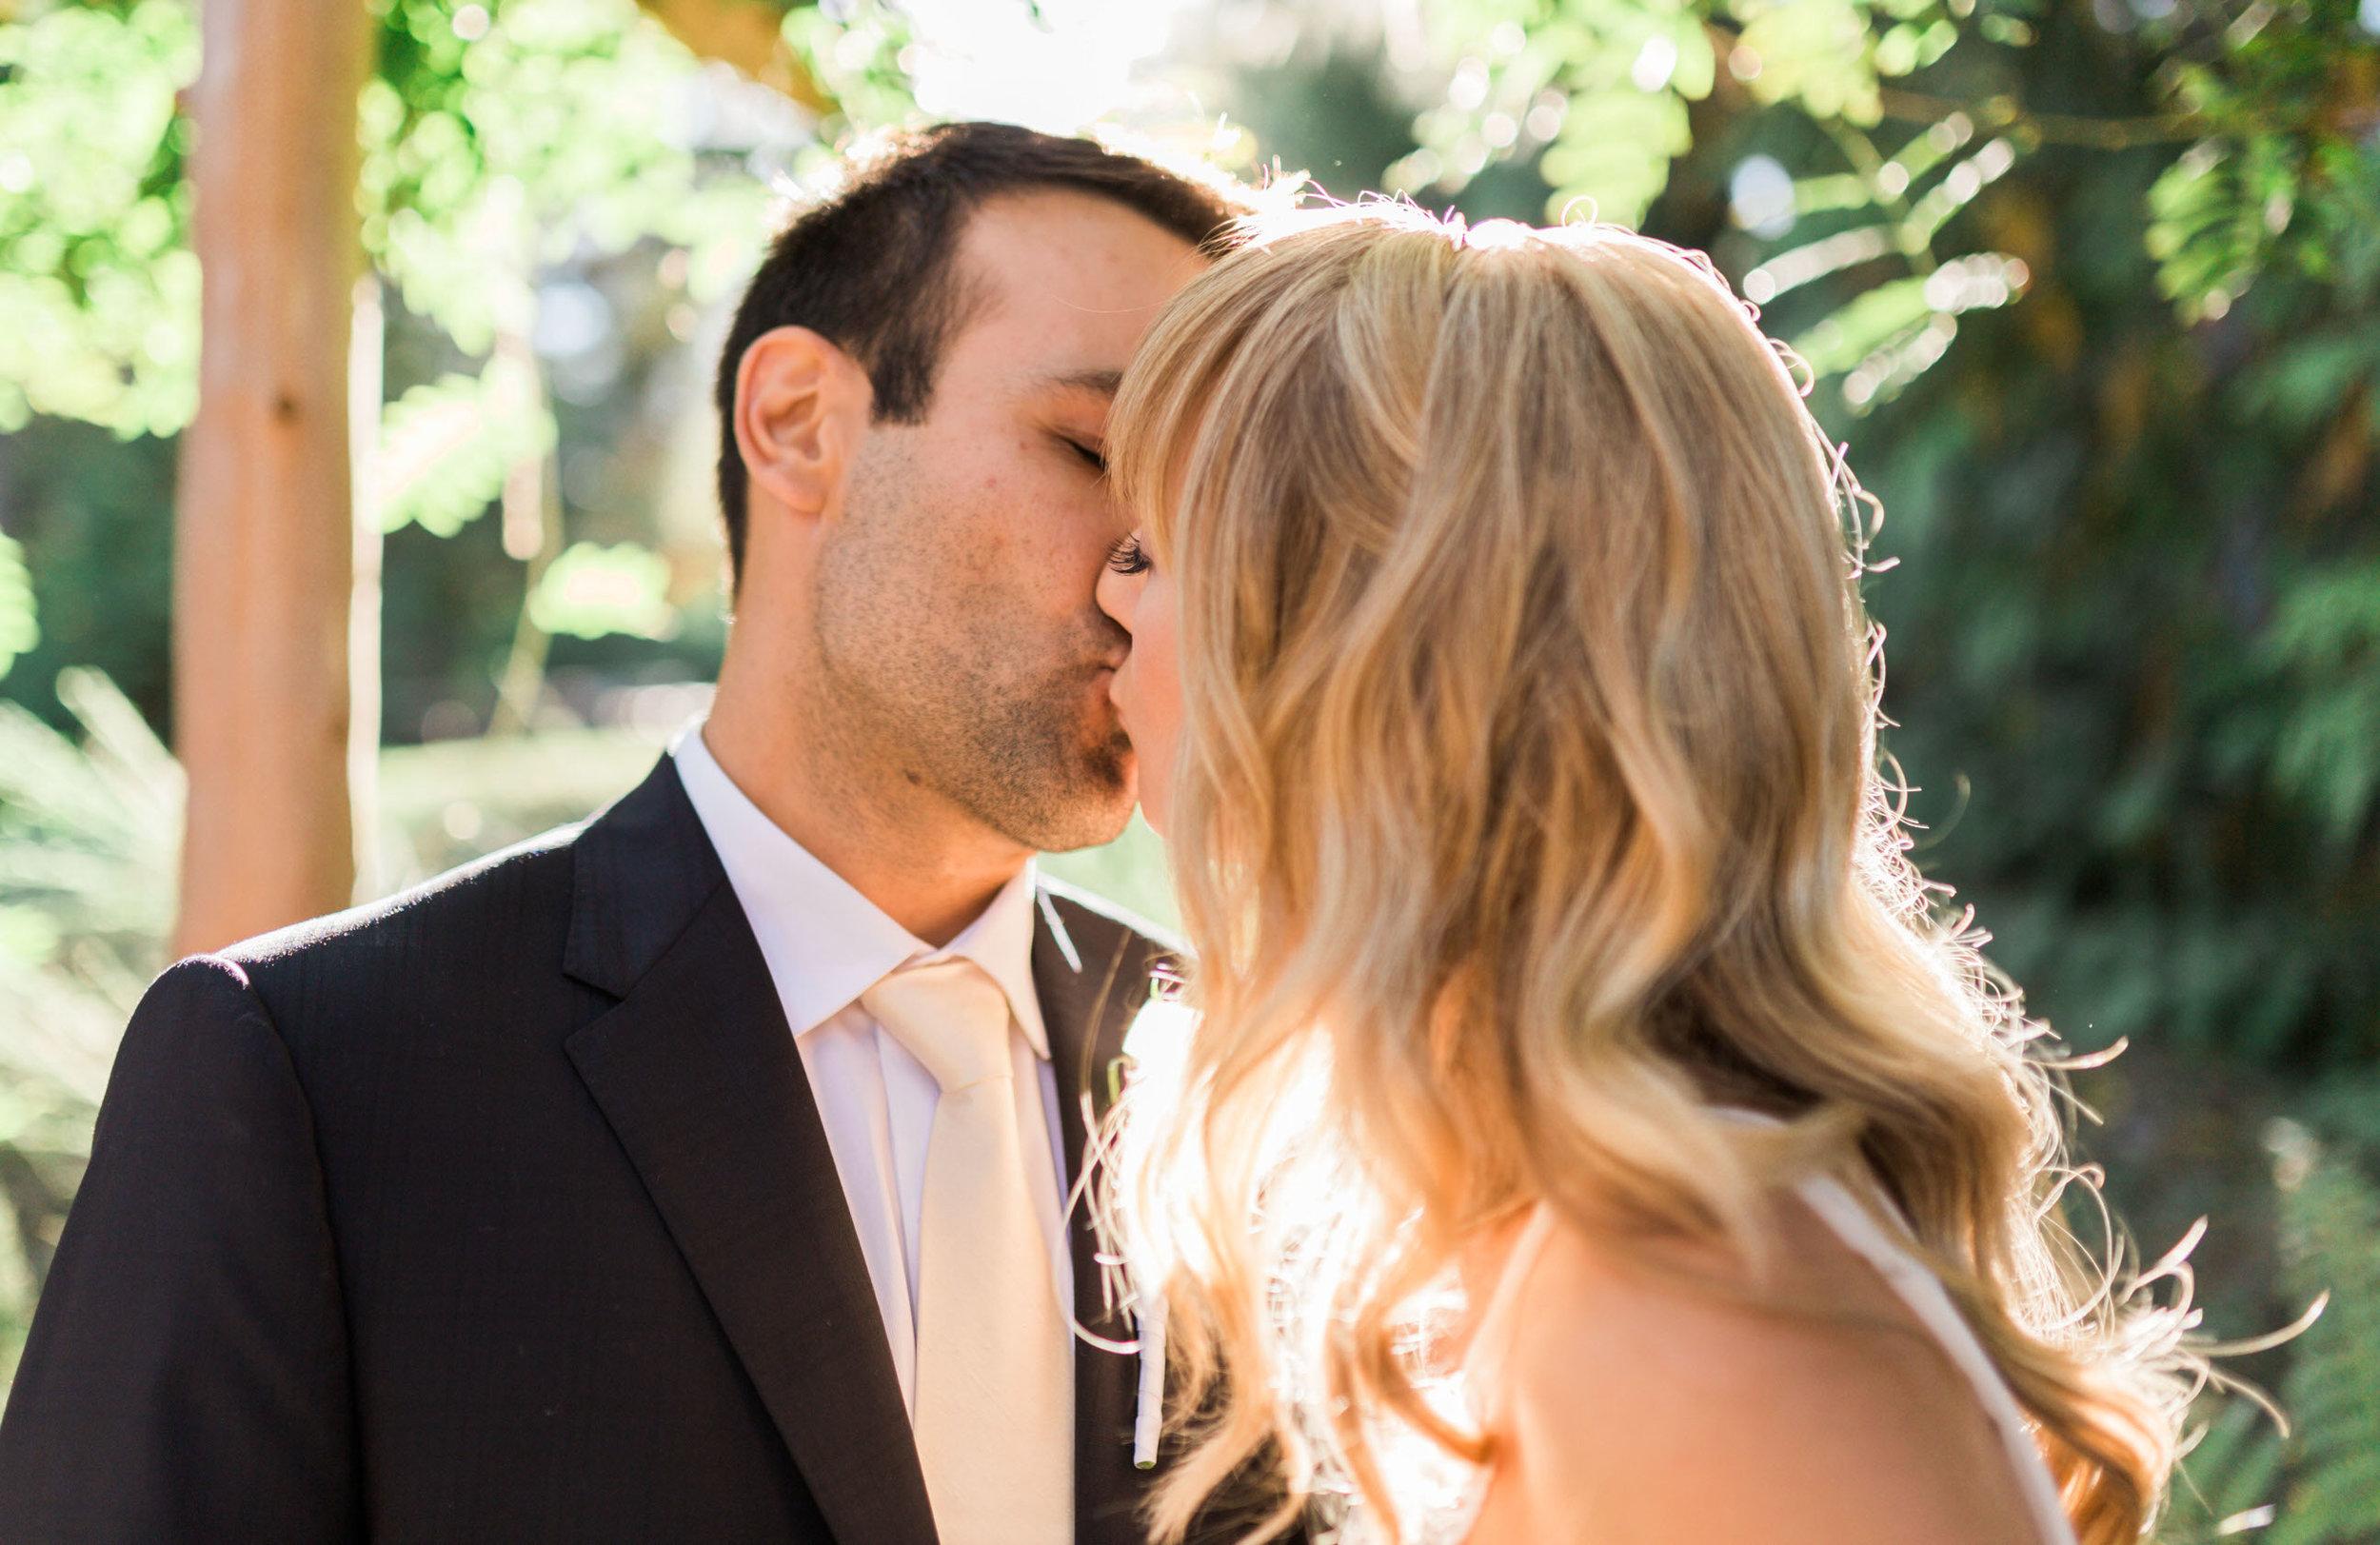 Sunshine Coast Wedding Photographer - Vancouver Wedding Photographer - West Coast Wilderness Lodge Wedding - Jennifer Picard Photography - IMG_7255_2.jpg